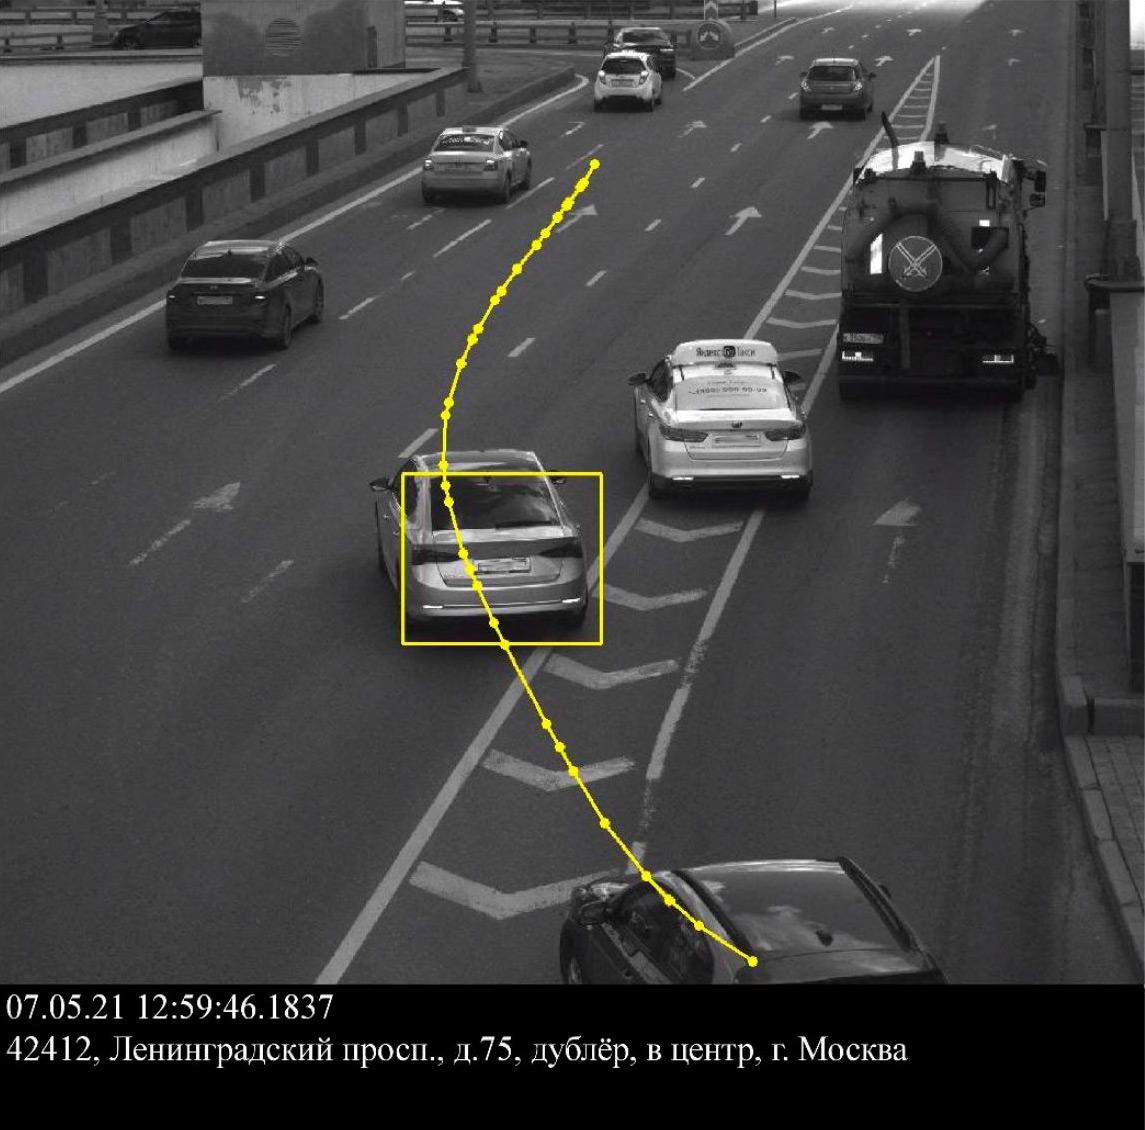 <p>Водитель на Skoda Octavia решил, что автомобиль коммунальных служб ехал очень медленно и его можно считать тихоходом.</p>